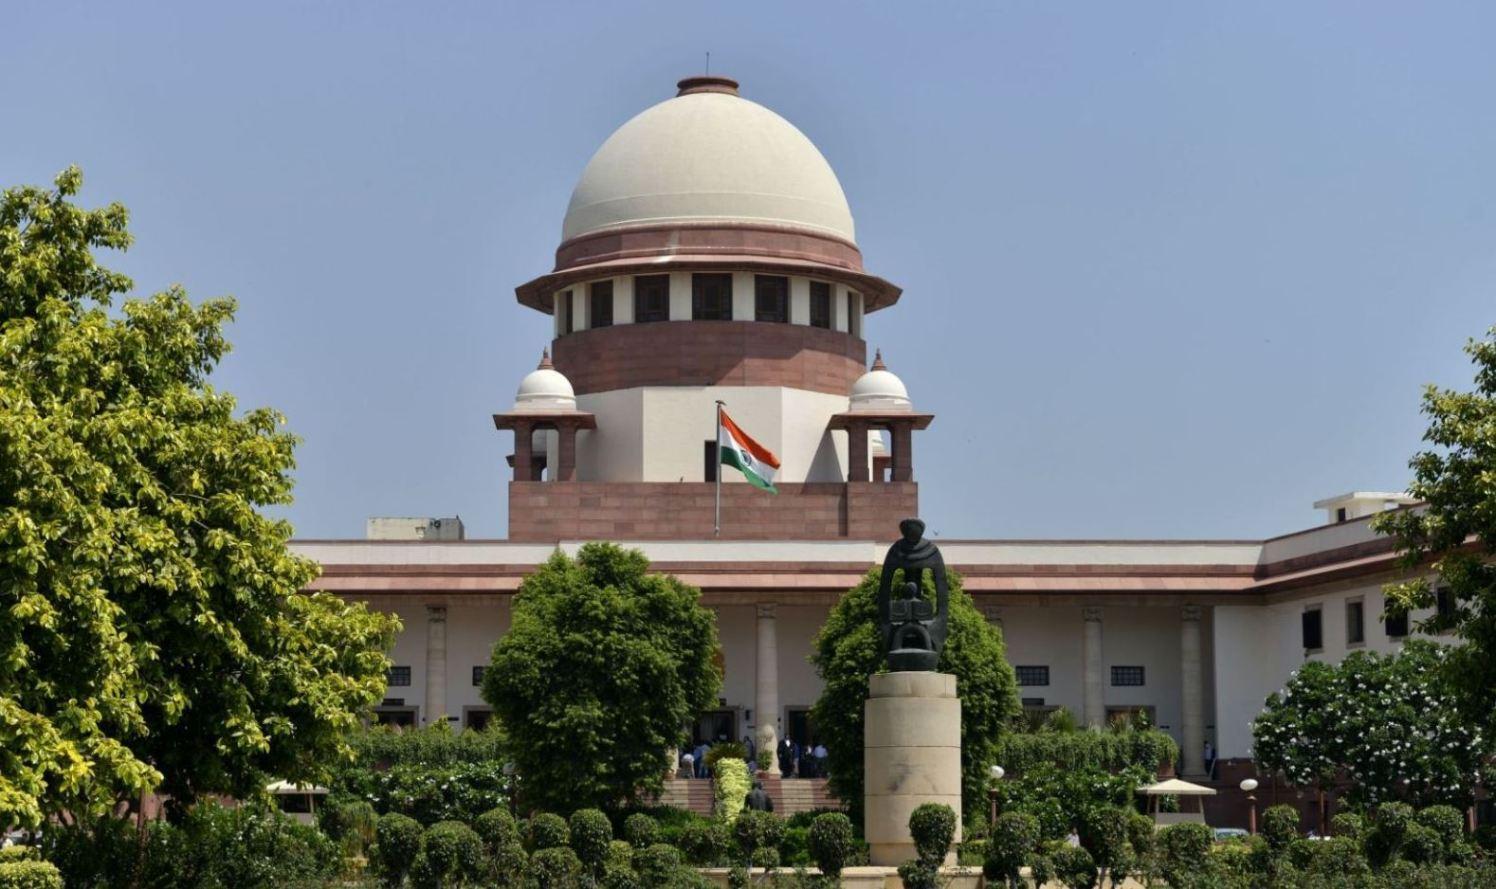 नागरिकत्व कायदा : स्थगिती देण्यास सर्वोच्च न्यायालयाचा नकार